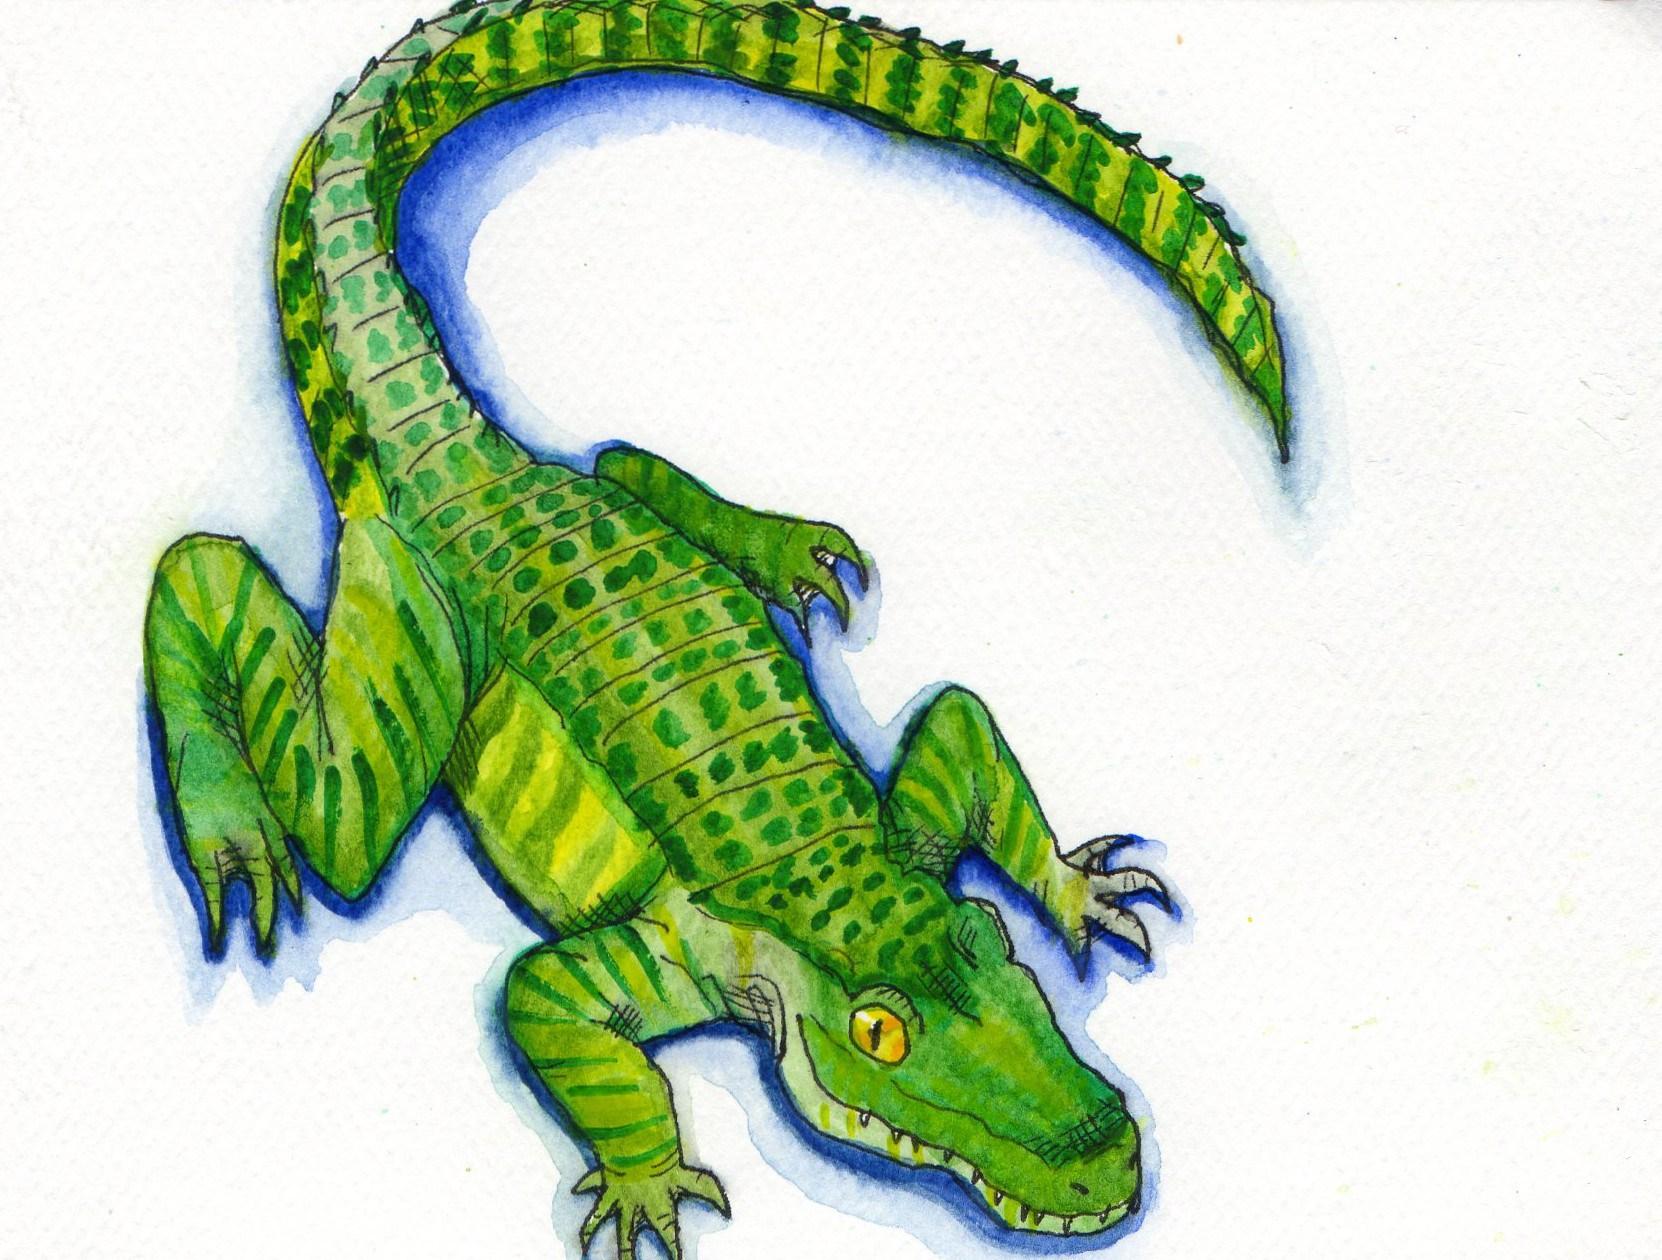 1662x1260 Alligator In Watercolor Alex Bond